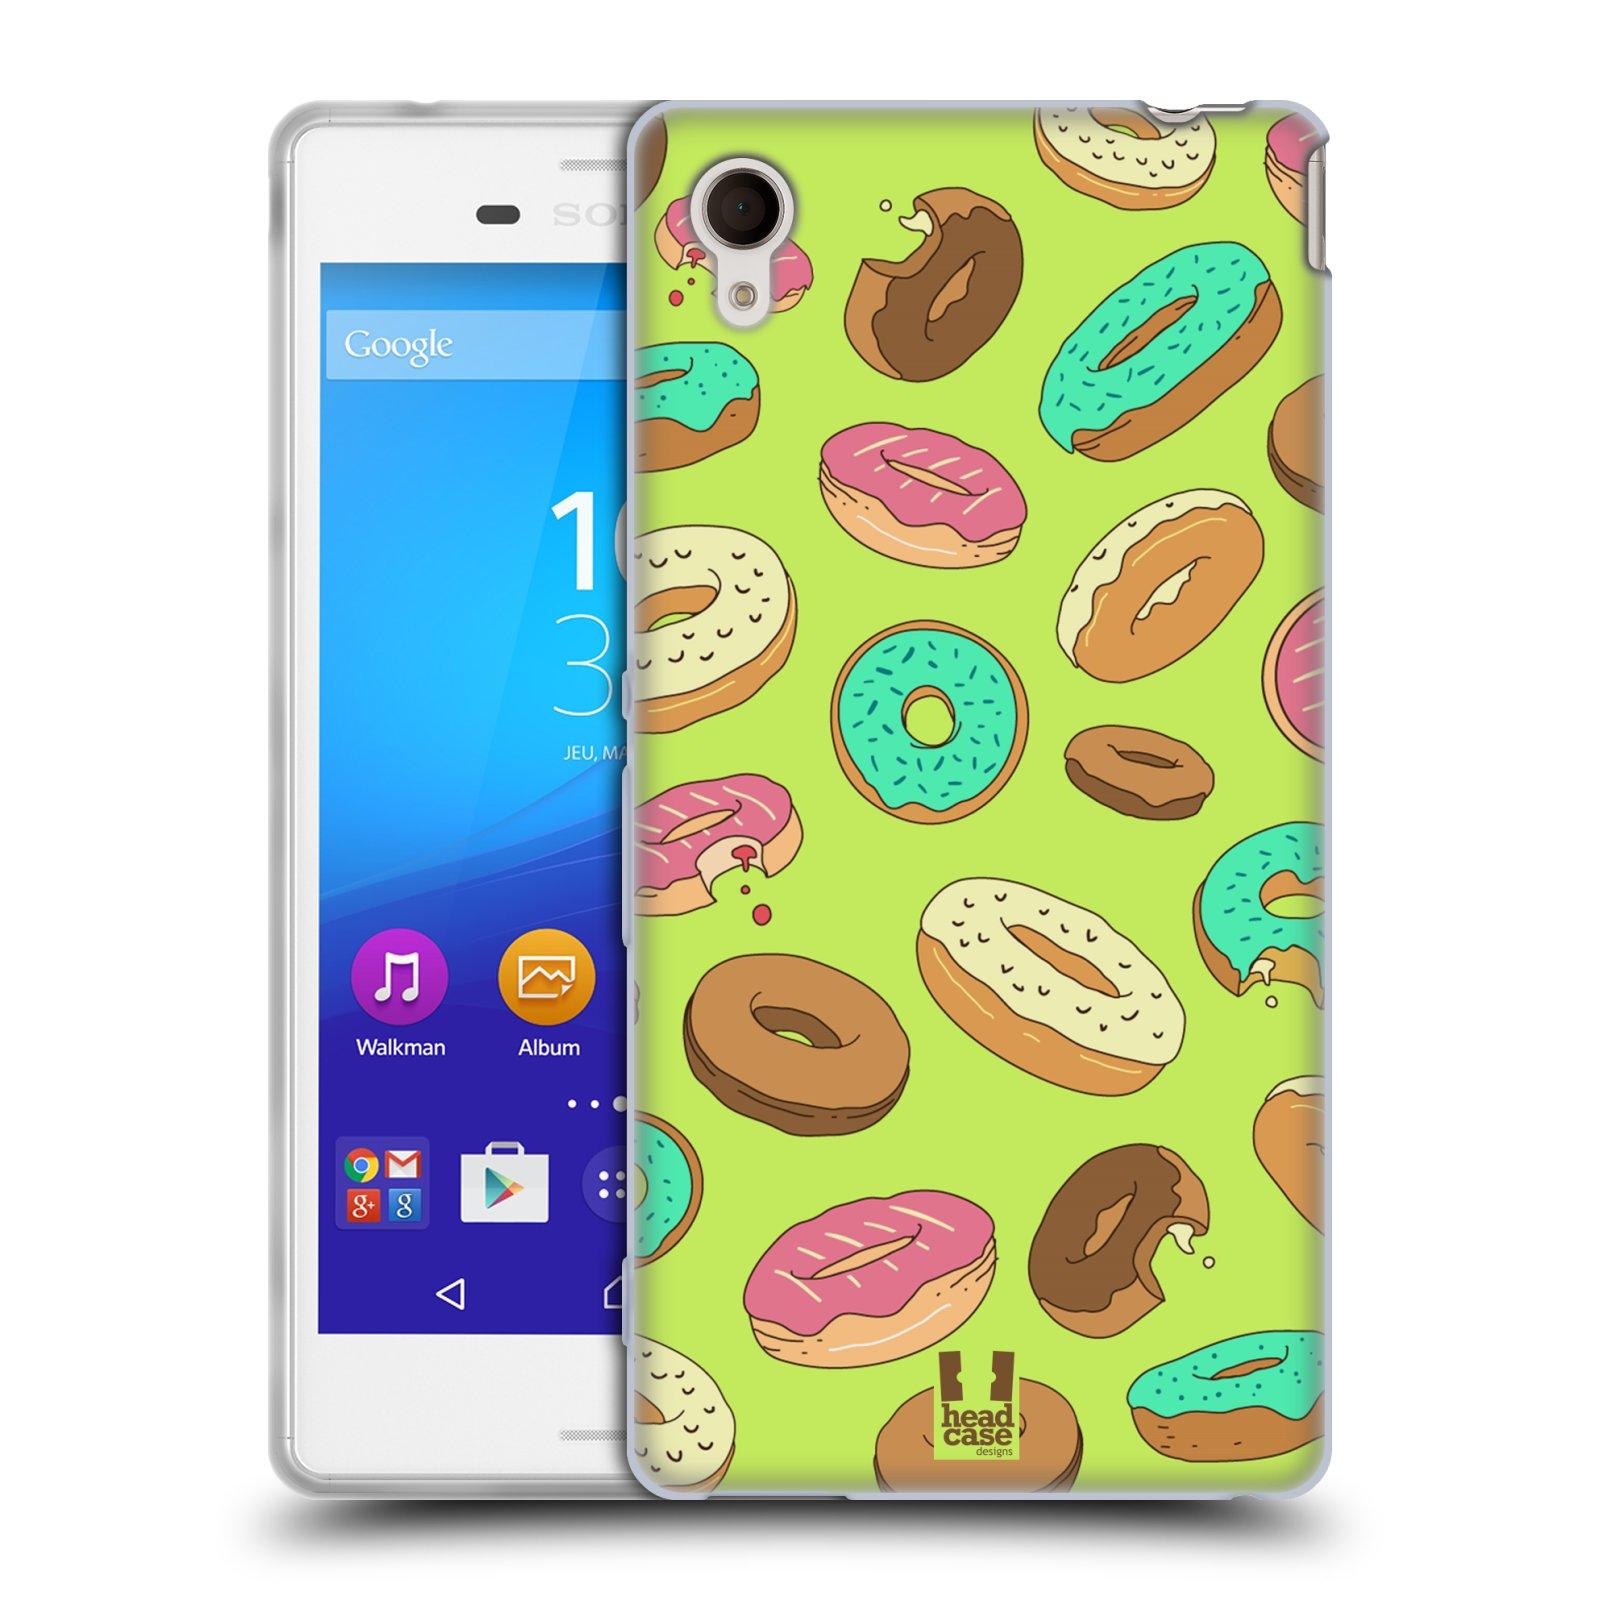 Silikonové pouzdro na mobil Sony Xperia M4 Aqua E2303 HEAD CASE DONUTKY (Silikonový kryt či obal na mobilní telefon Sony Xperia M4 Aqua a M4 Aqua Dual SIM)